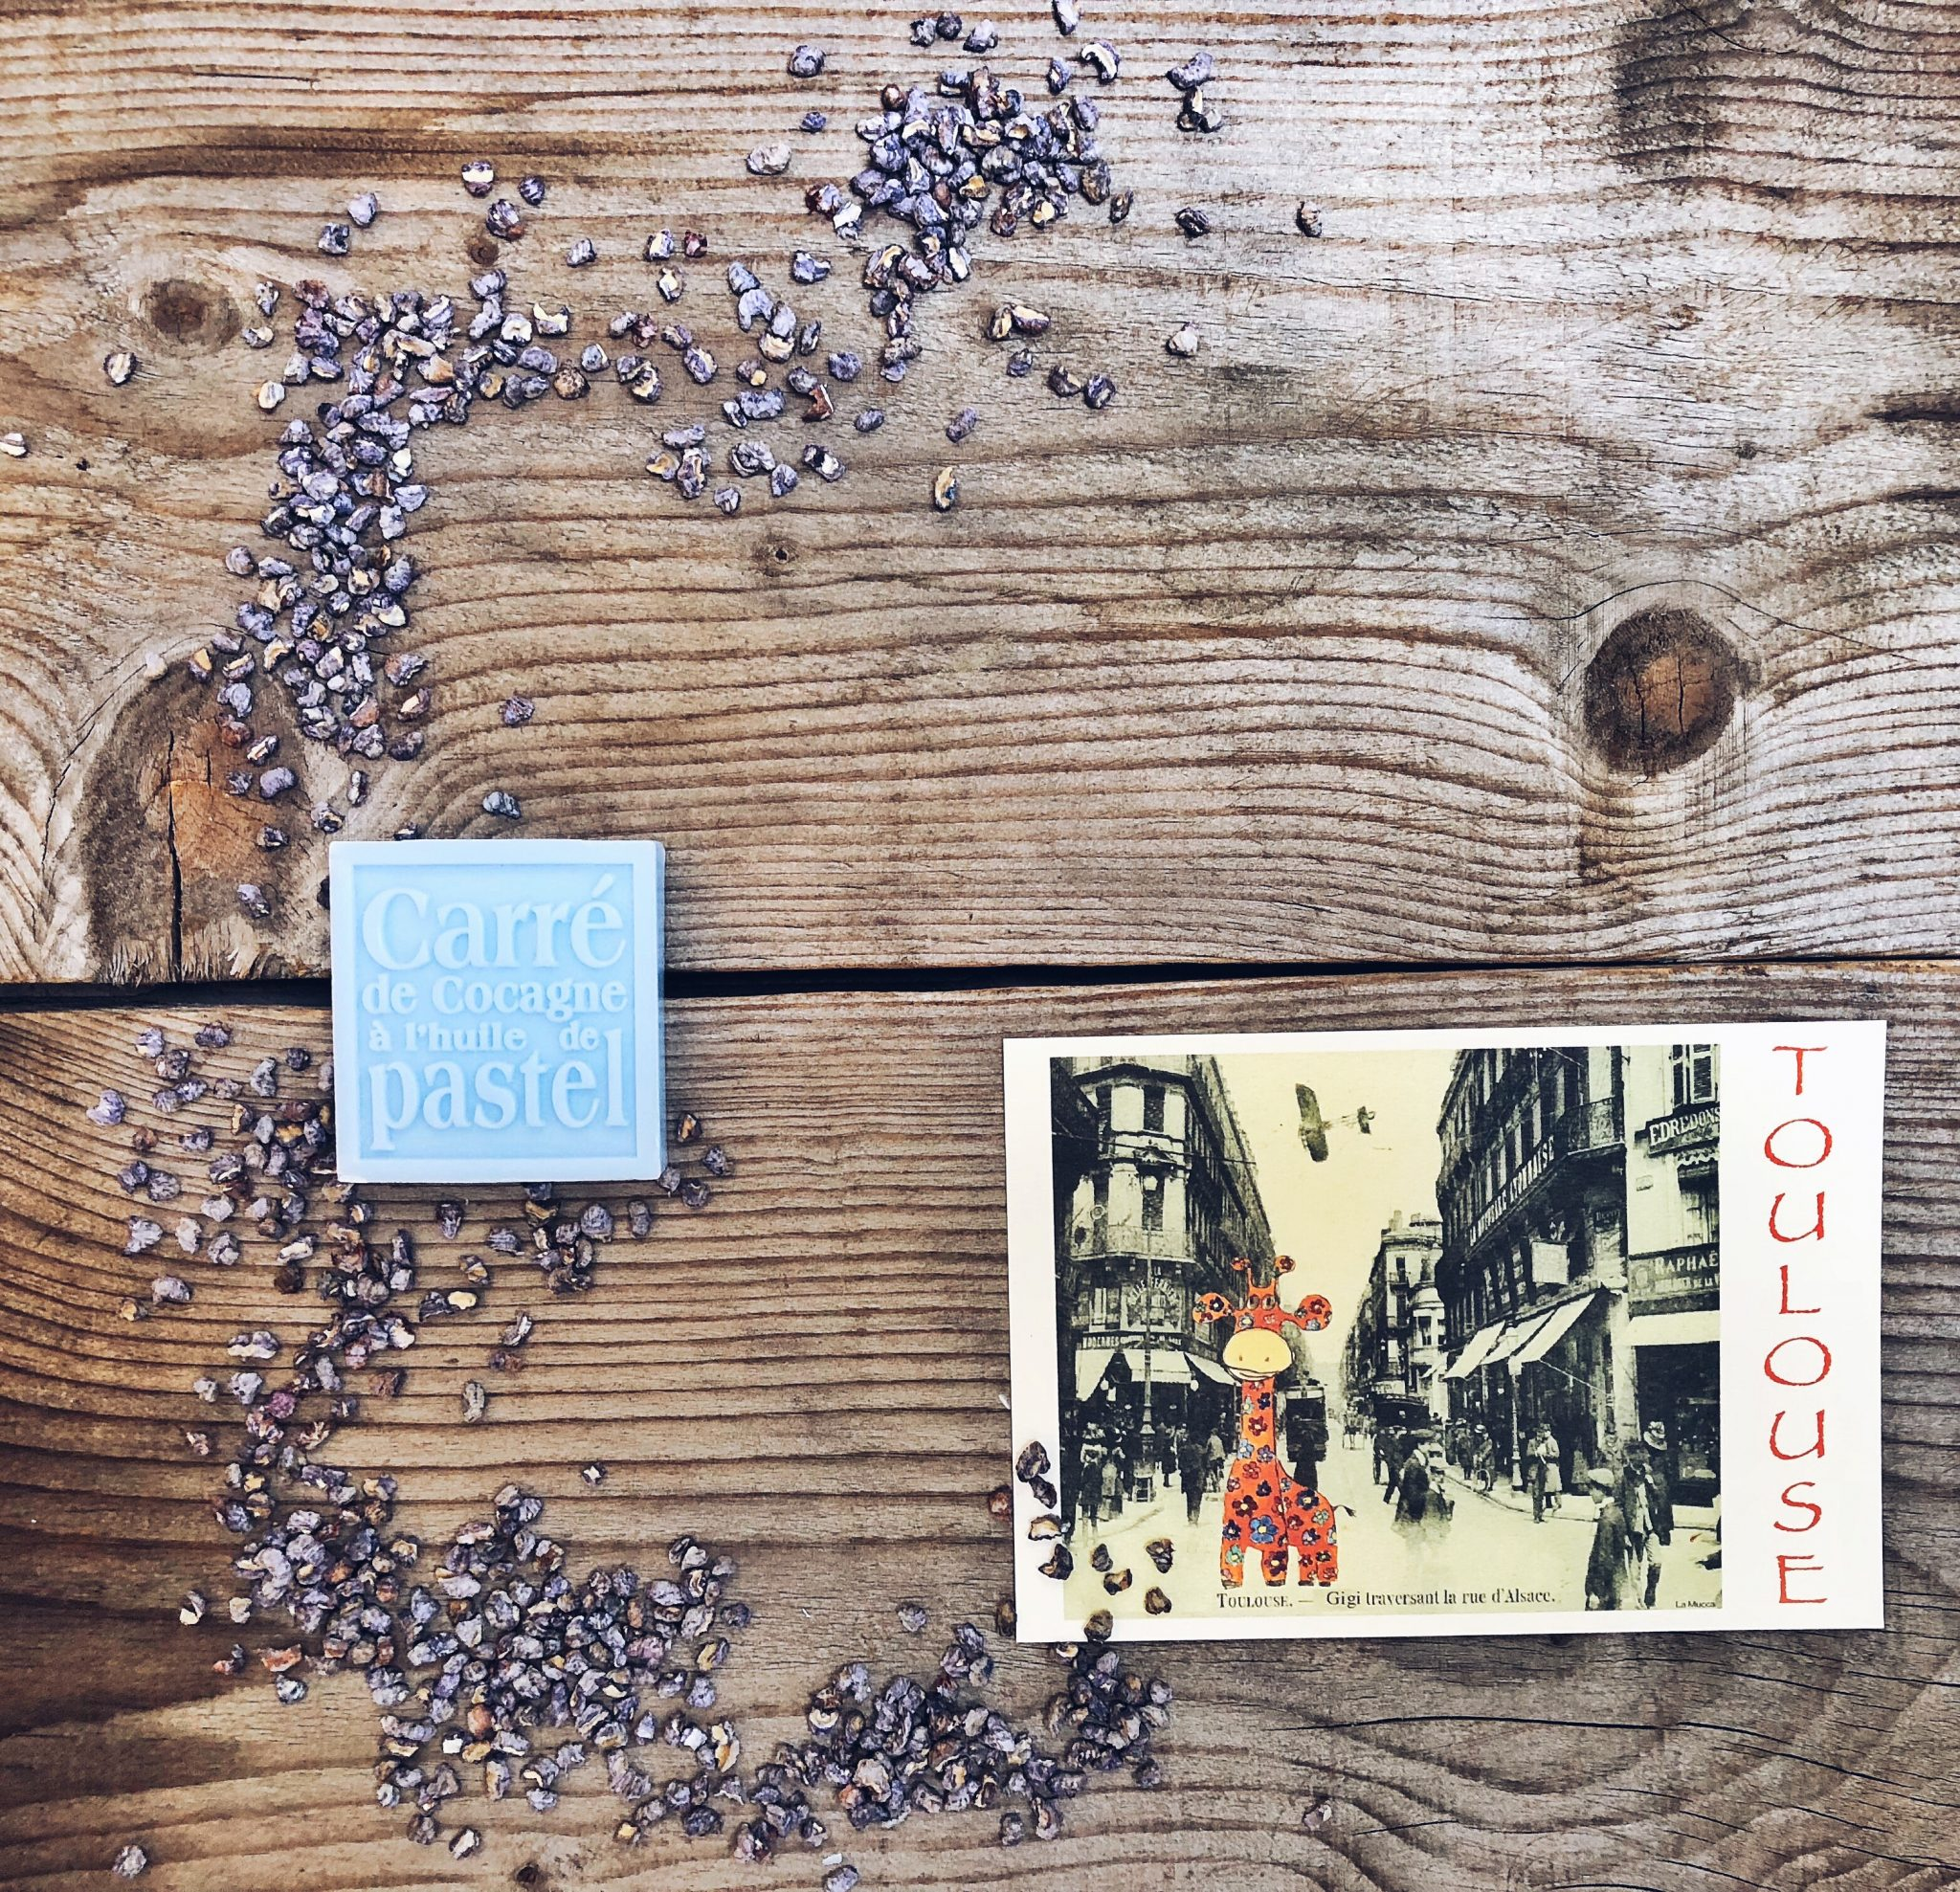 Ricordi di Tolosa: saponetta Pastel, cartolina vintage e violettes profuma ambiente - 3 modi di vedere una città - tatianaberlaffa.com